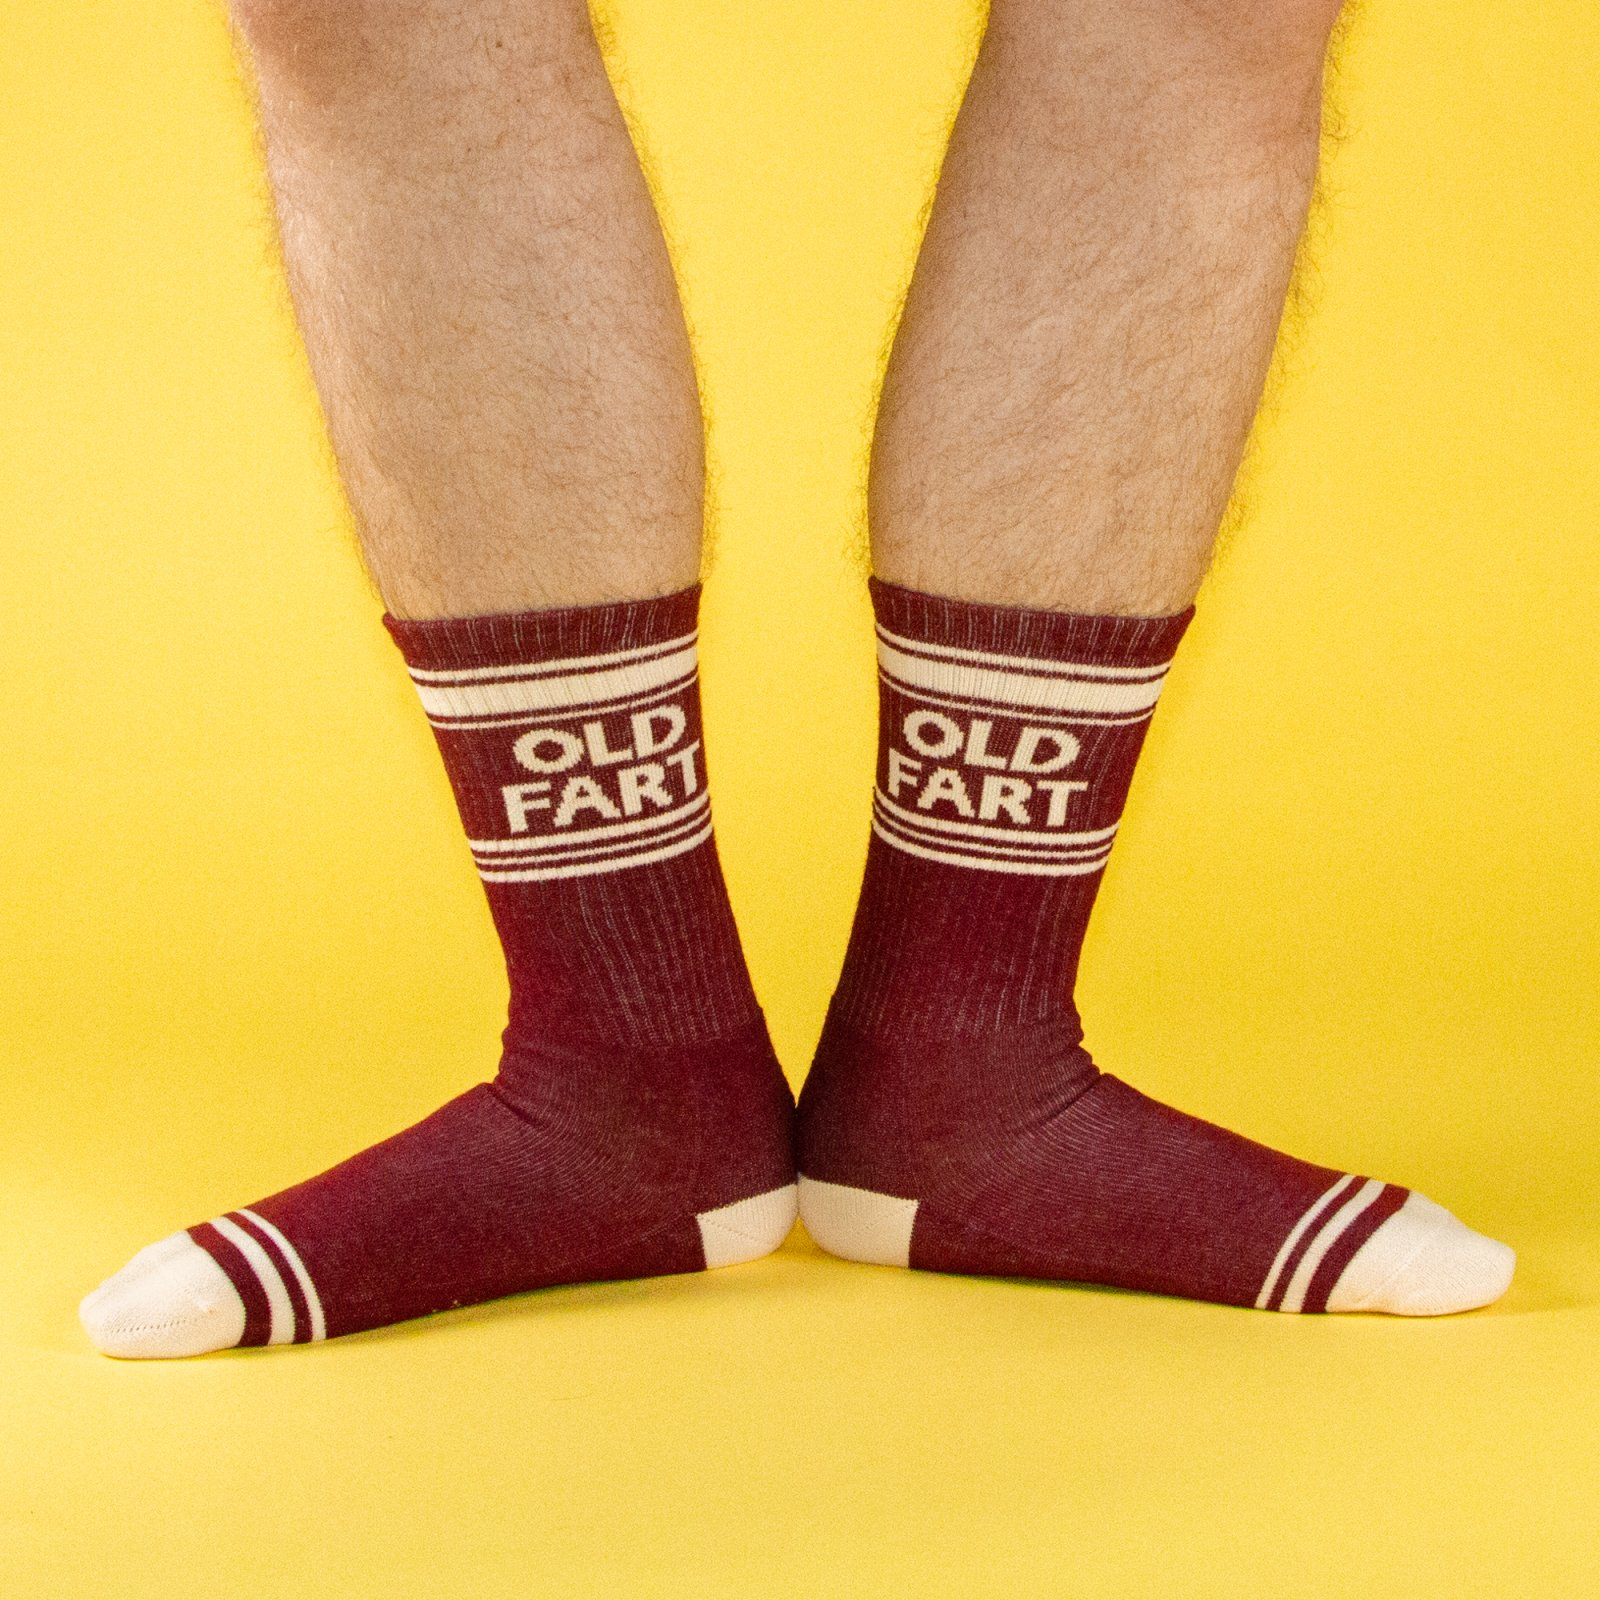 Gumball Poodle Old Fart Socks